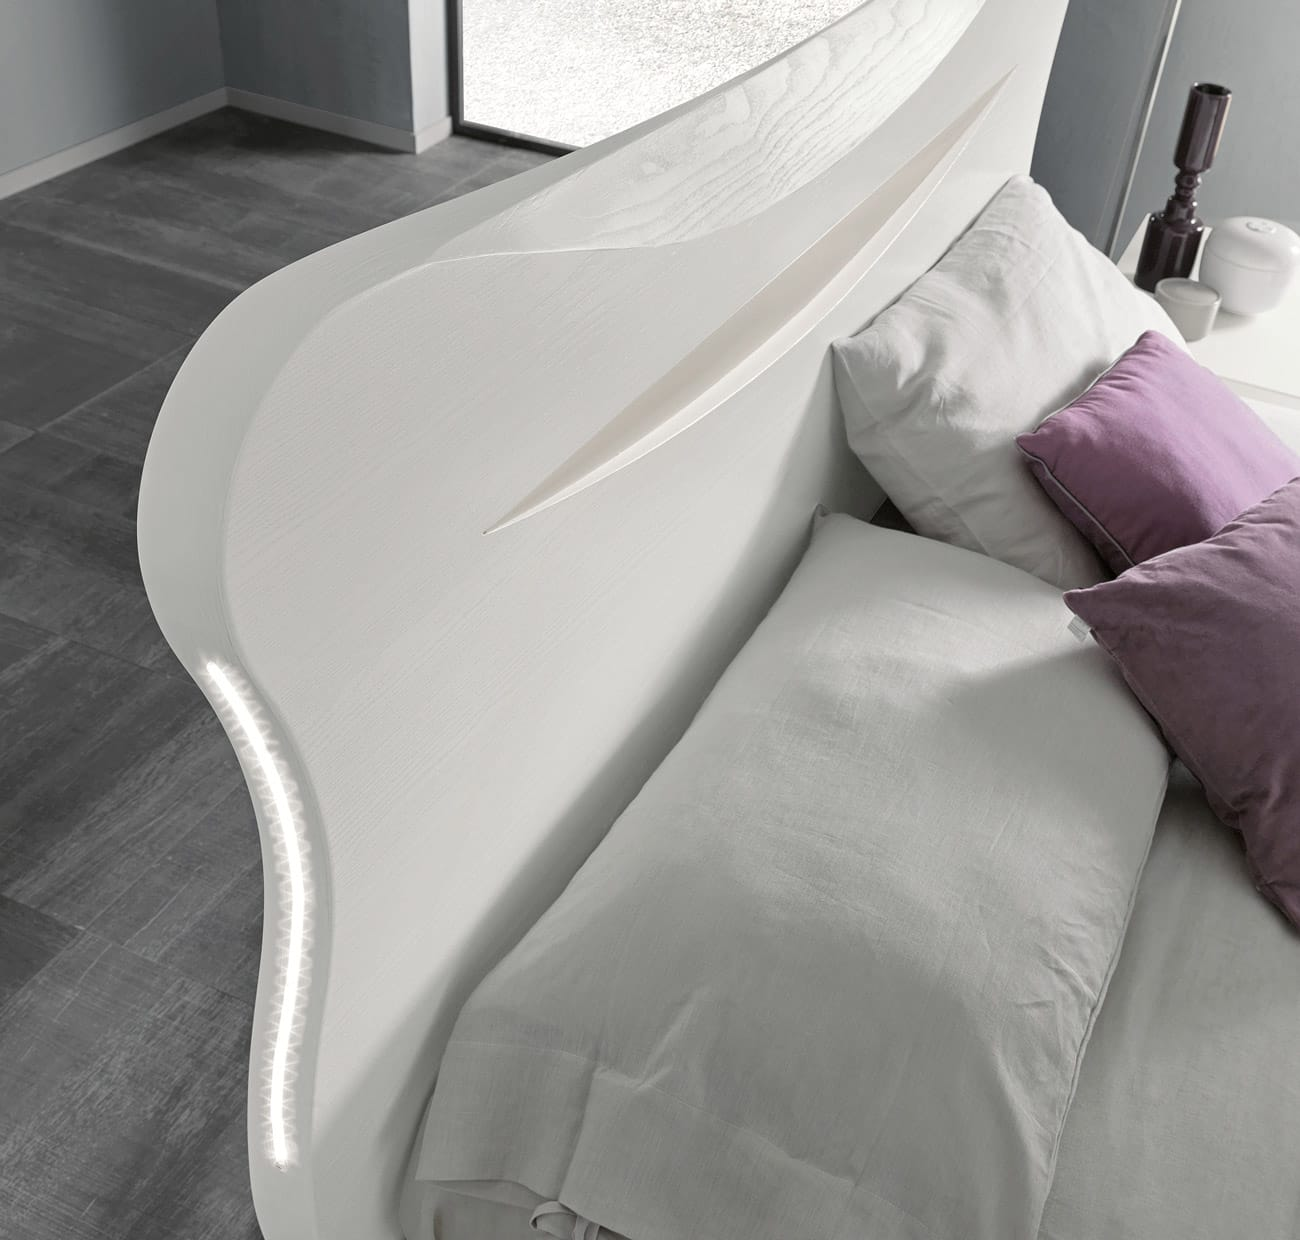 adriatica-wind-letto-dettaglio-testata.jpg